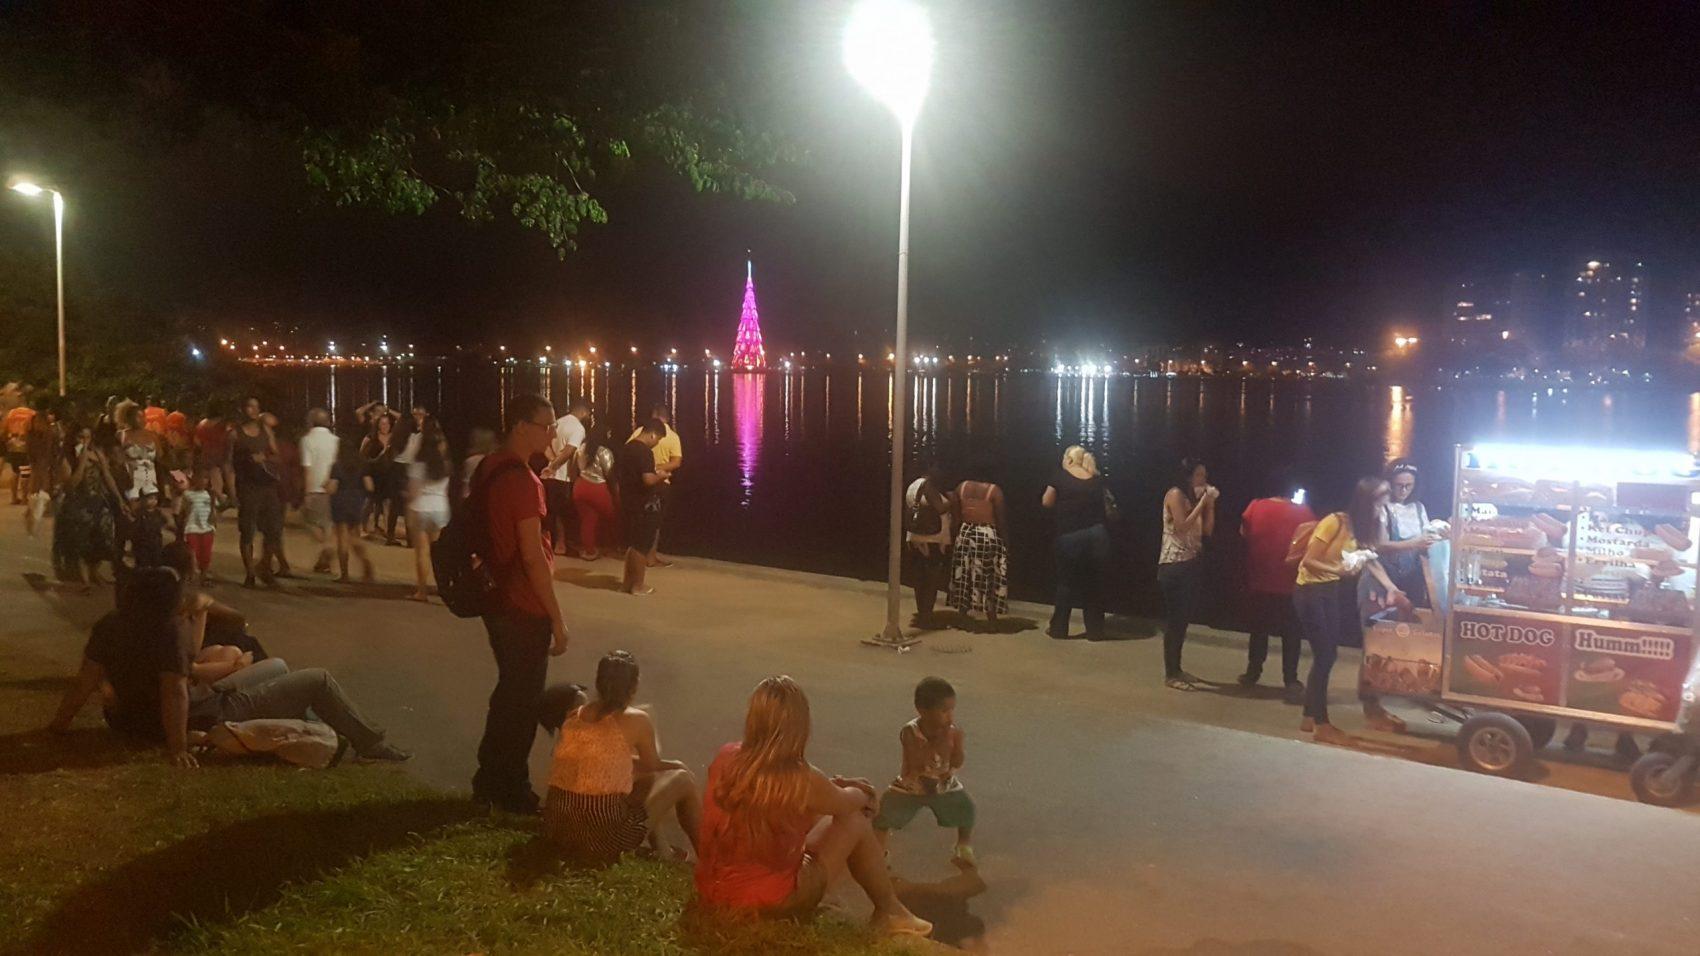 Crianças, adolescentes, barraquinhas: programa noturno na Lagoa iluminada pela árvore em clima familiar (Foto: Oscar Valporto)